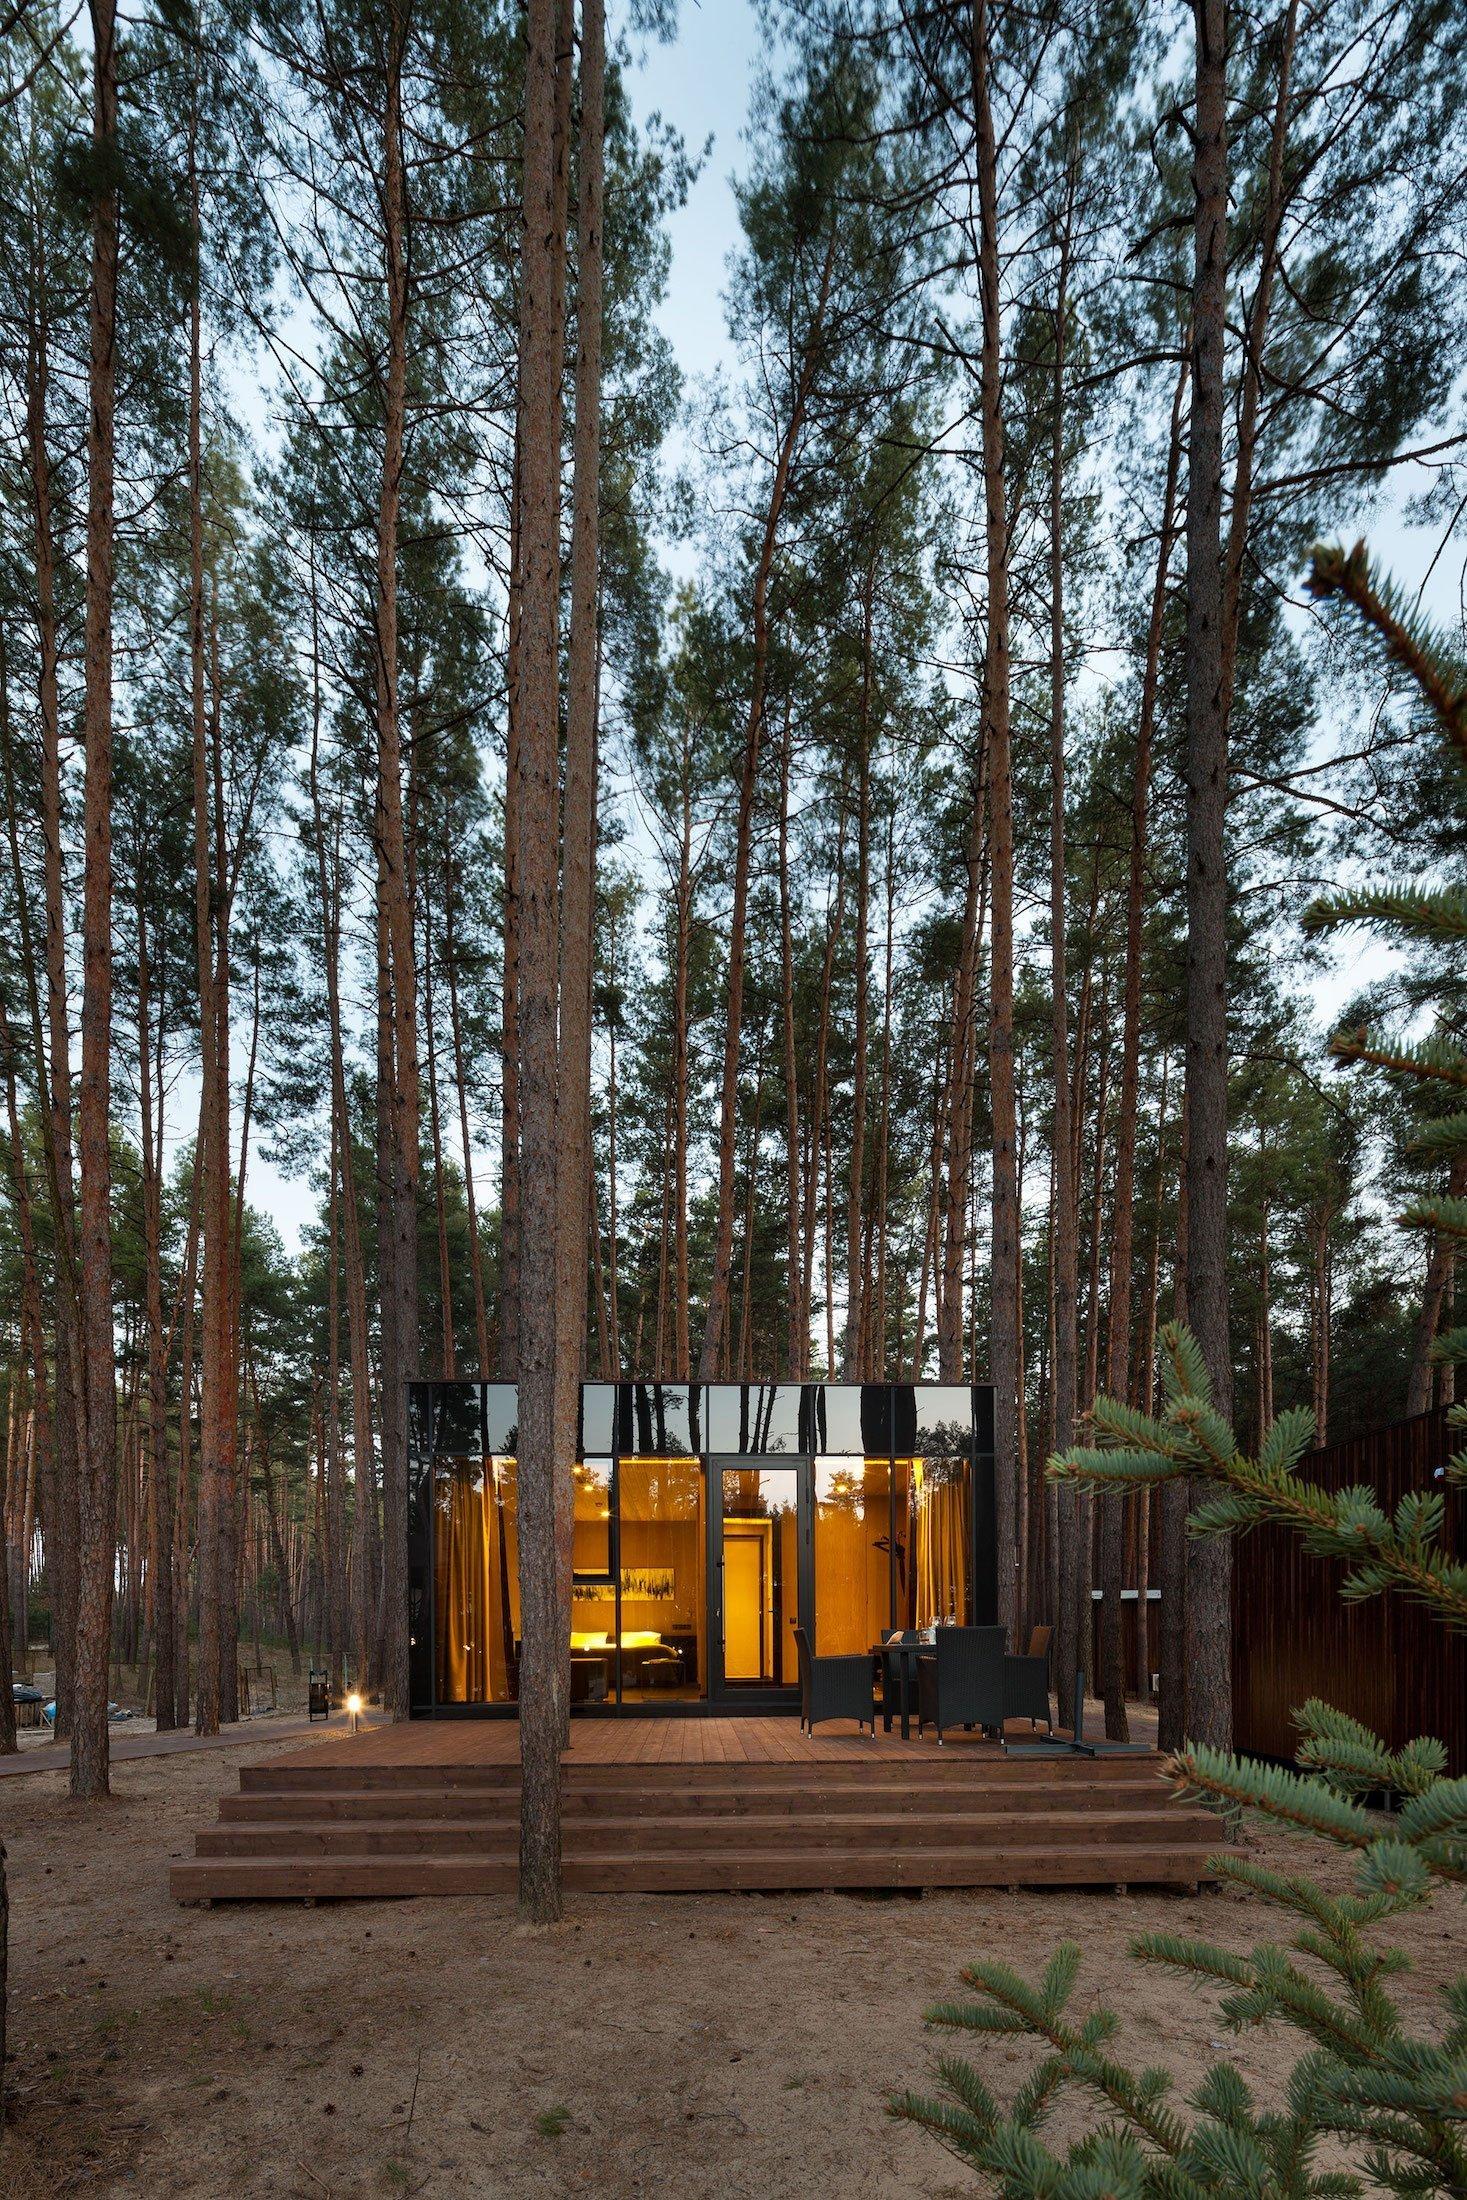 Architektura se v našem okolí nachází nejen u domů, bytů nebo veřejných staveb. Najdeme ji totiž i na takovém místě, kterou je Poltavská oblast na Ukrajině. Tato oblast je hustě protkaná borovicovým lesem, což dalo vzniku několika luxusním chatkám, v nichž se můžeme ubytovat. Chatky jsou výjimečné tím, že na jednu stranu svým dřevěným základem splývají s okolní přírodou, zato tmavě zrcadlové obložení odráží kmeny okolních stromů.